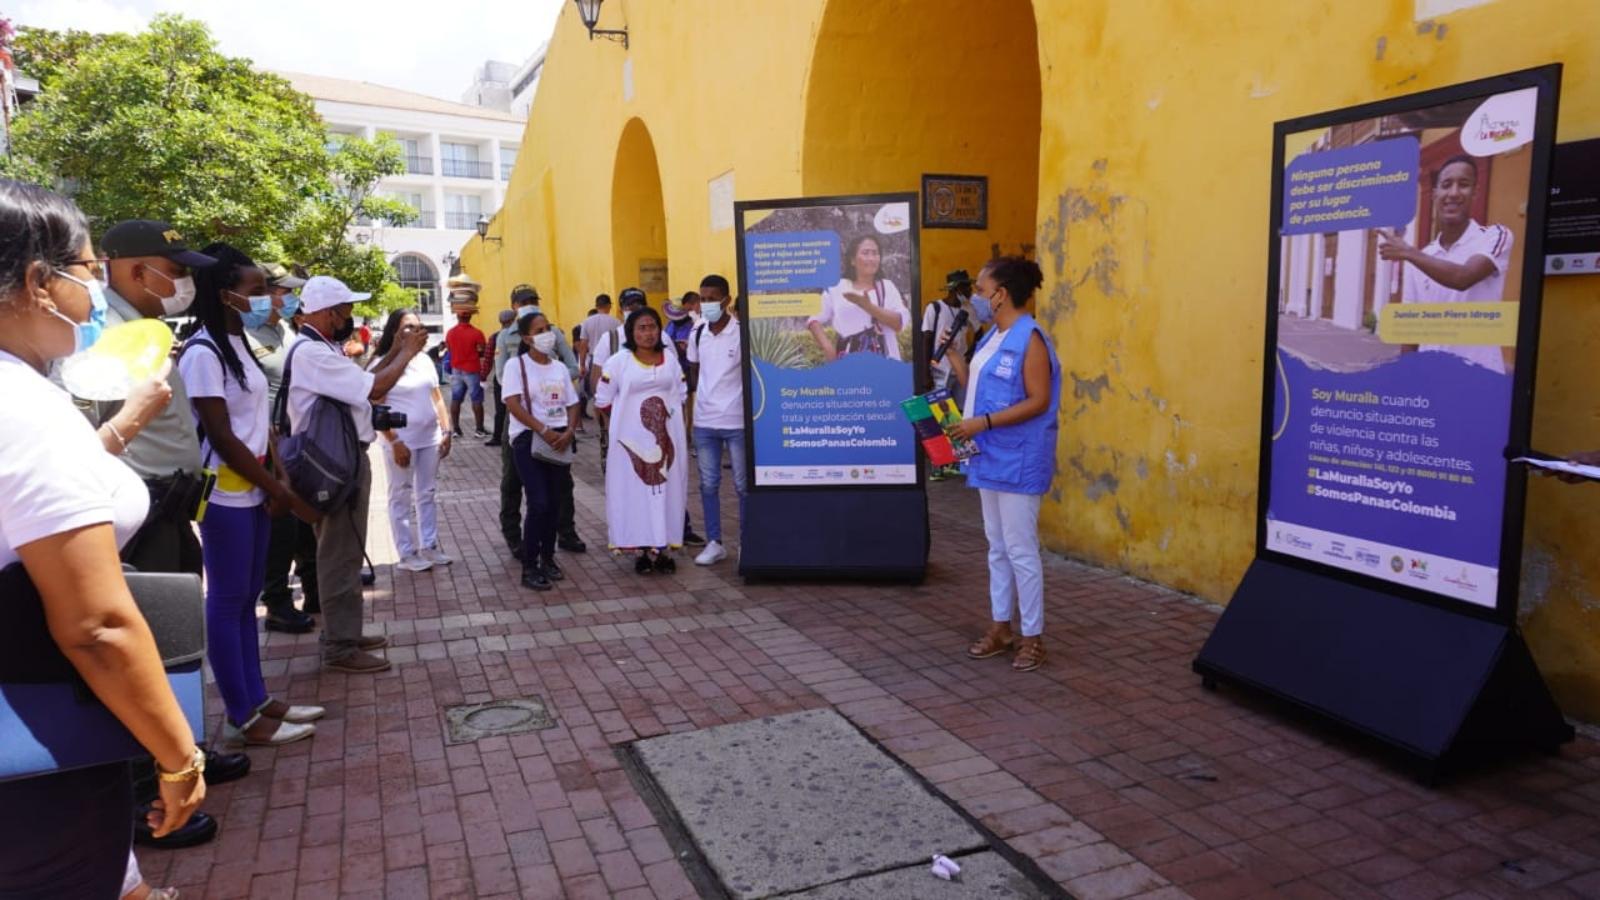 Lanzaron iniciativa contra la xenofobia y los delitos sexuales en Cartagena